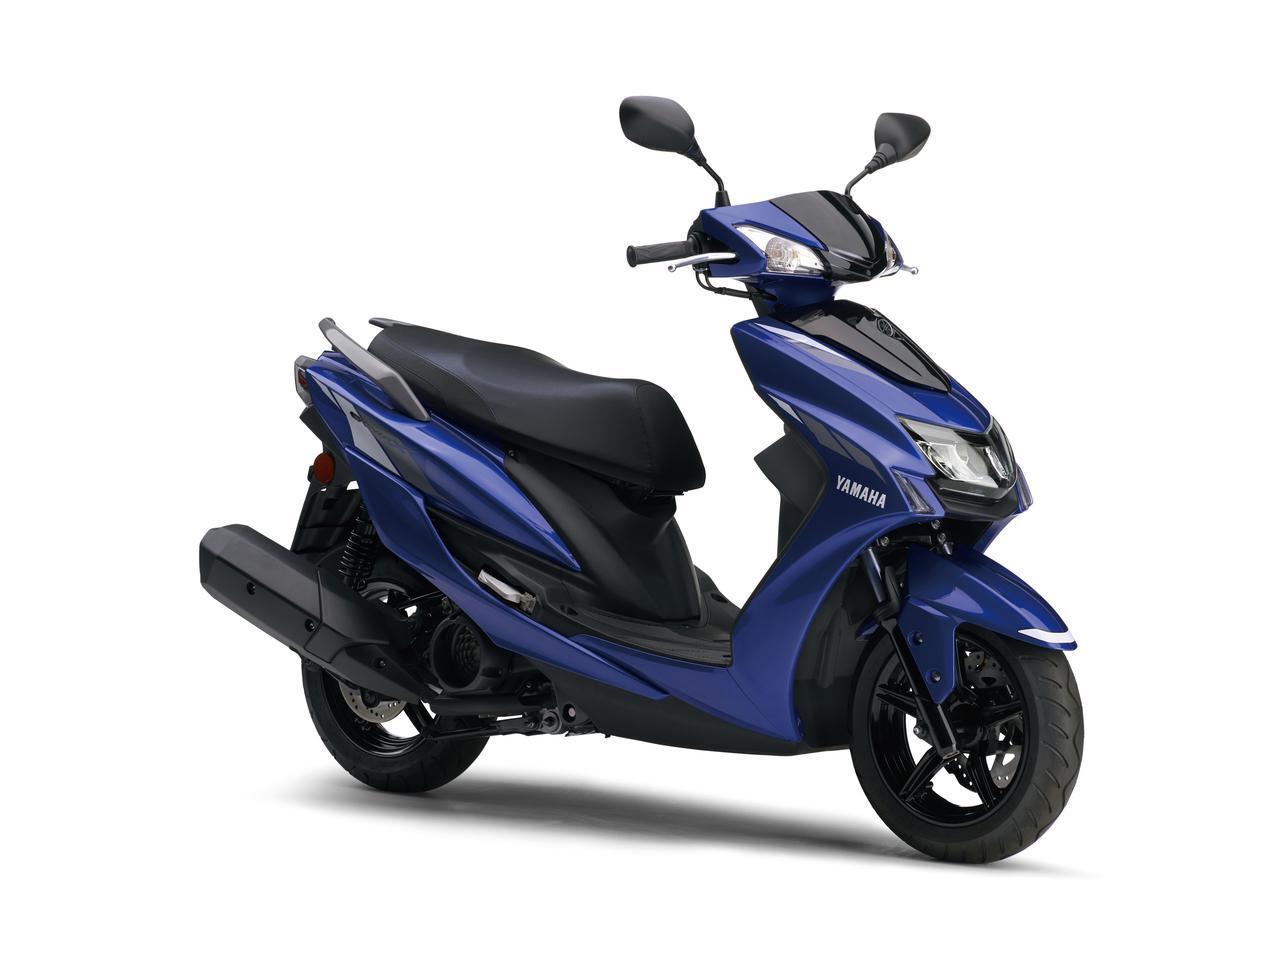 画像: YAMAHA CYGNUS X 総排気量:124cc エンジン形式:空冷4ストSOHC4バルブ シート高:775mm 車両重量:119kg 税込価格:33万5500円